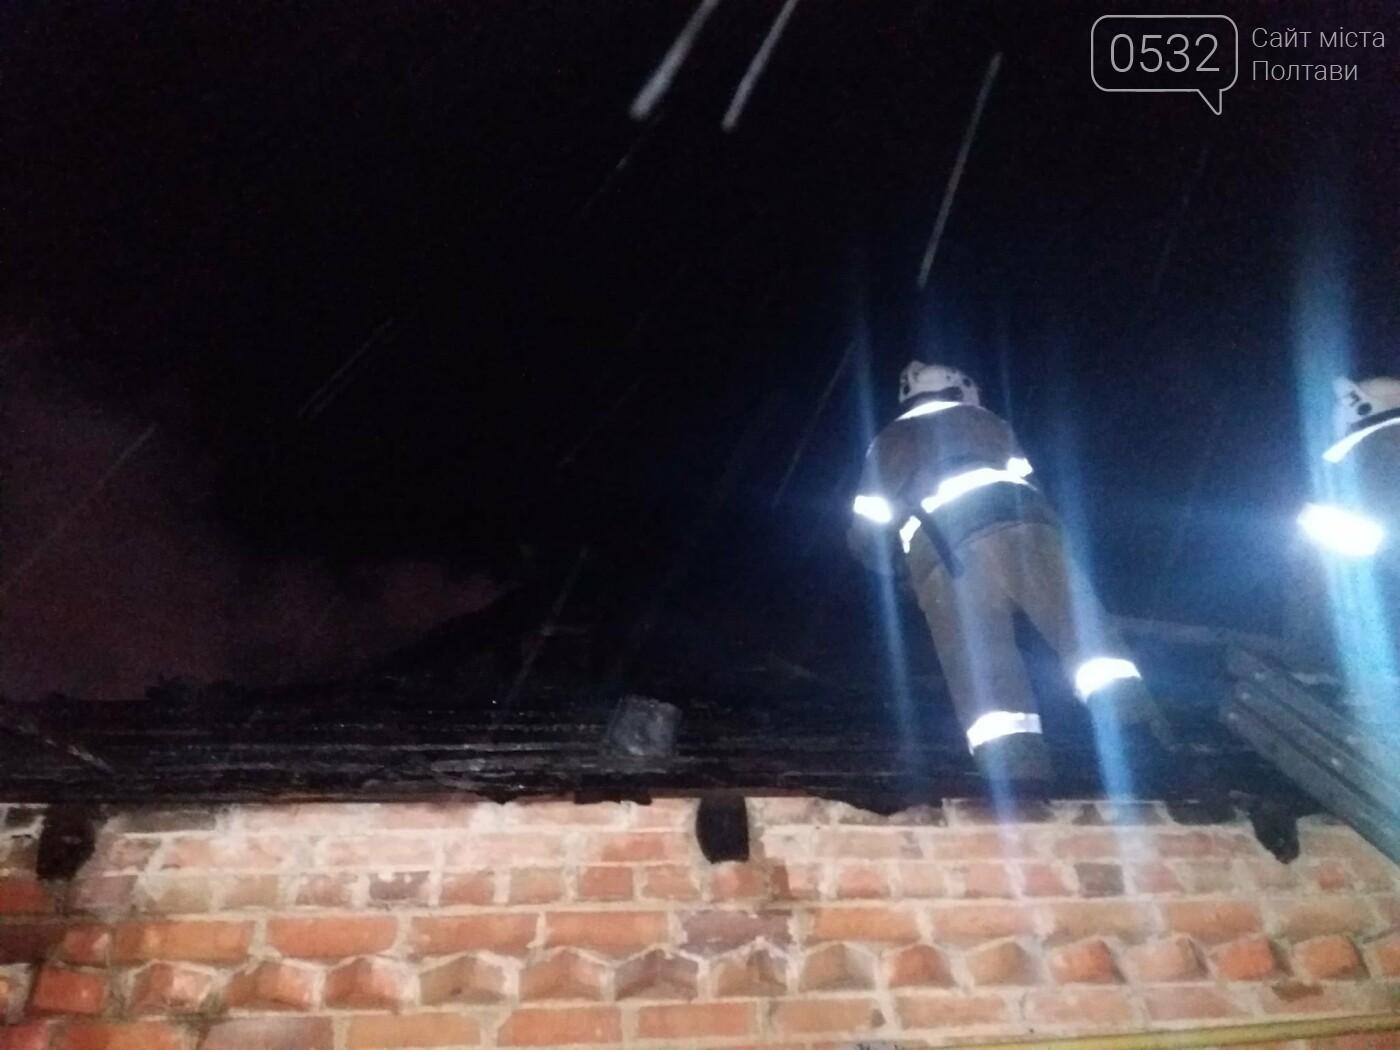 Вночі у Полтаві сталася пожежа у приватному секторі, фото-5